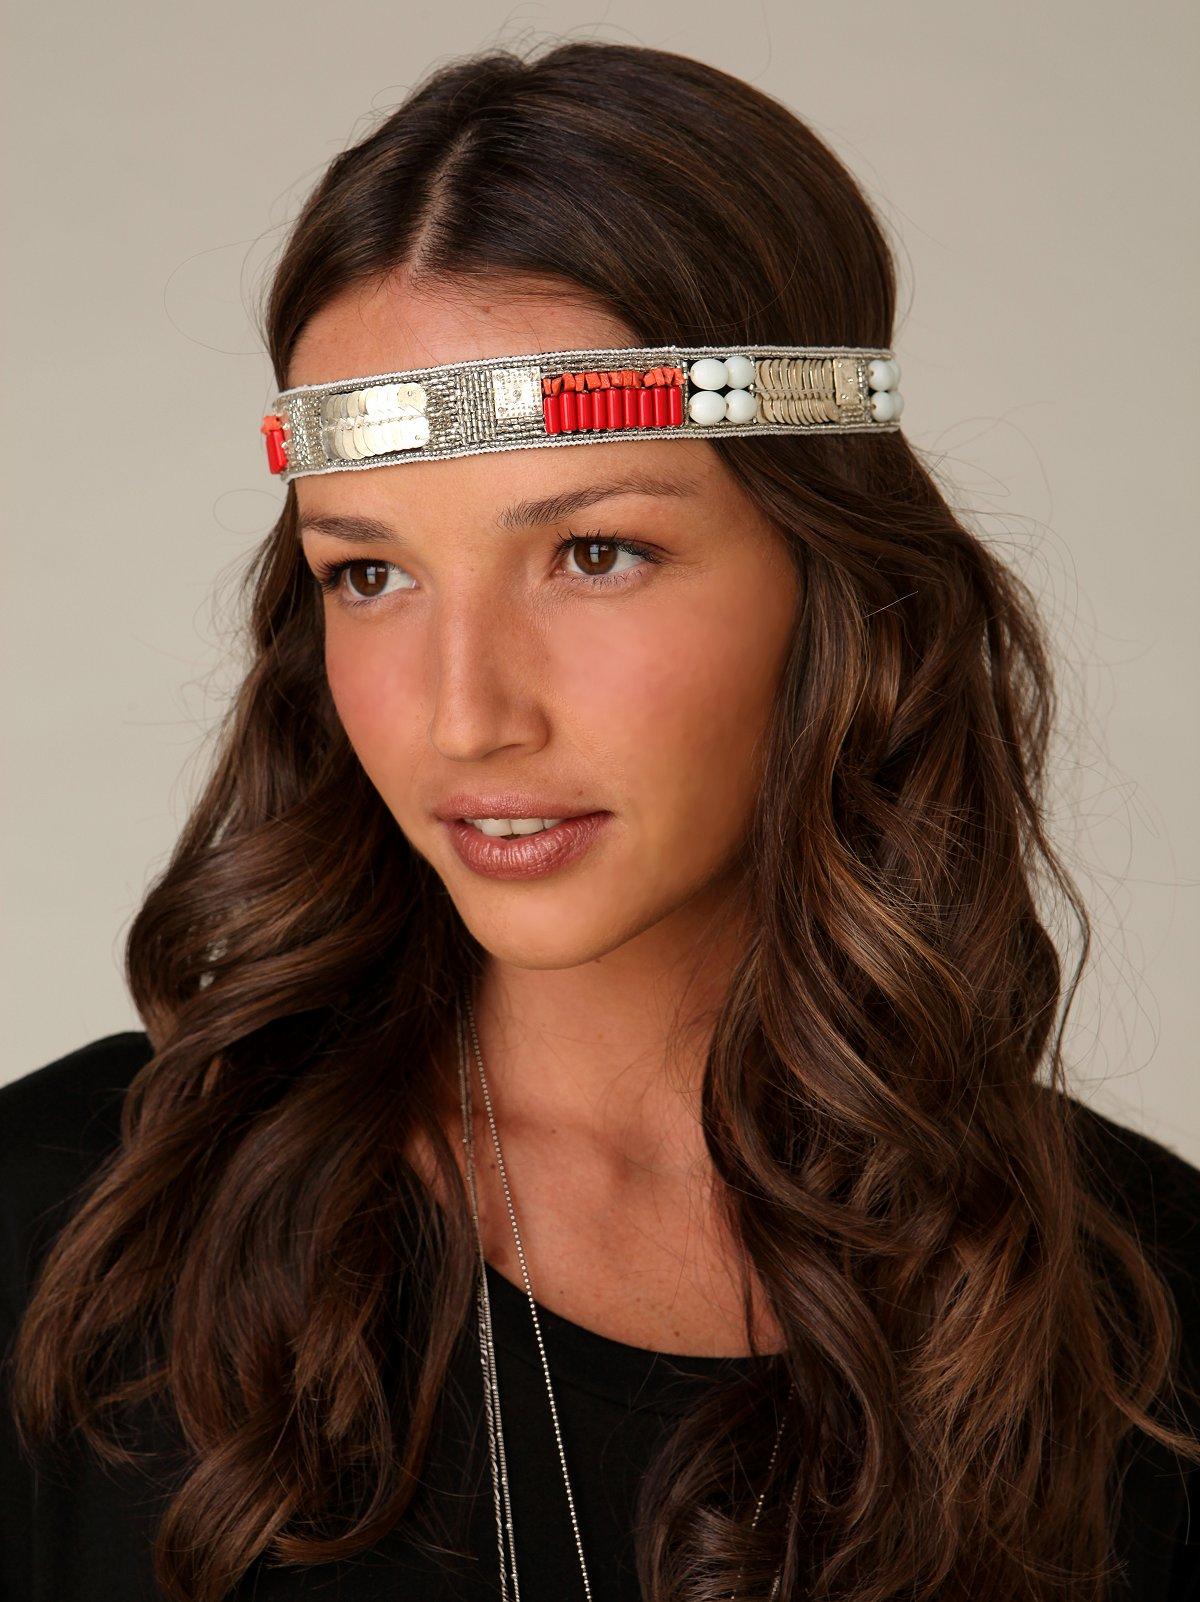 Coral Silver & Stone Headband